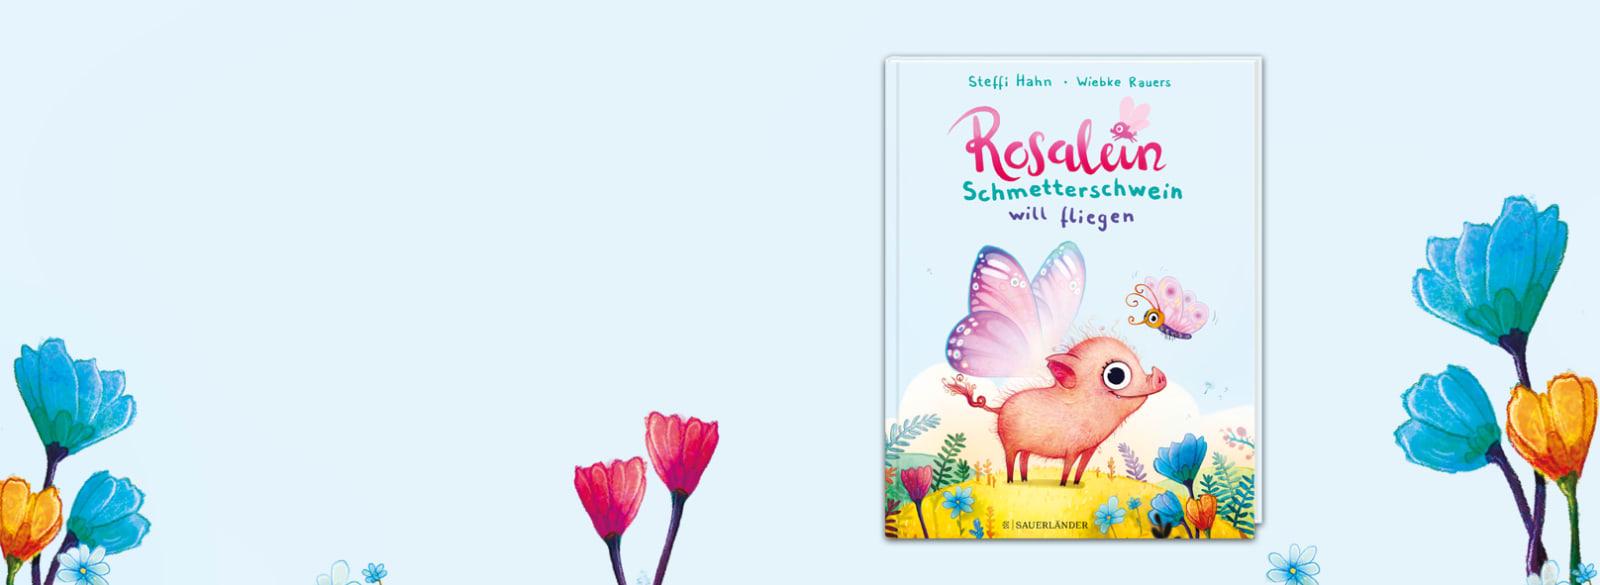 Herobanner Rosalein Schmetterschwein